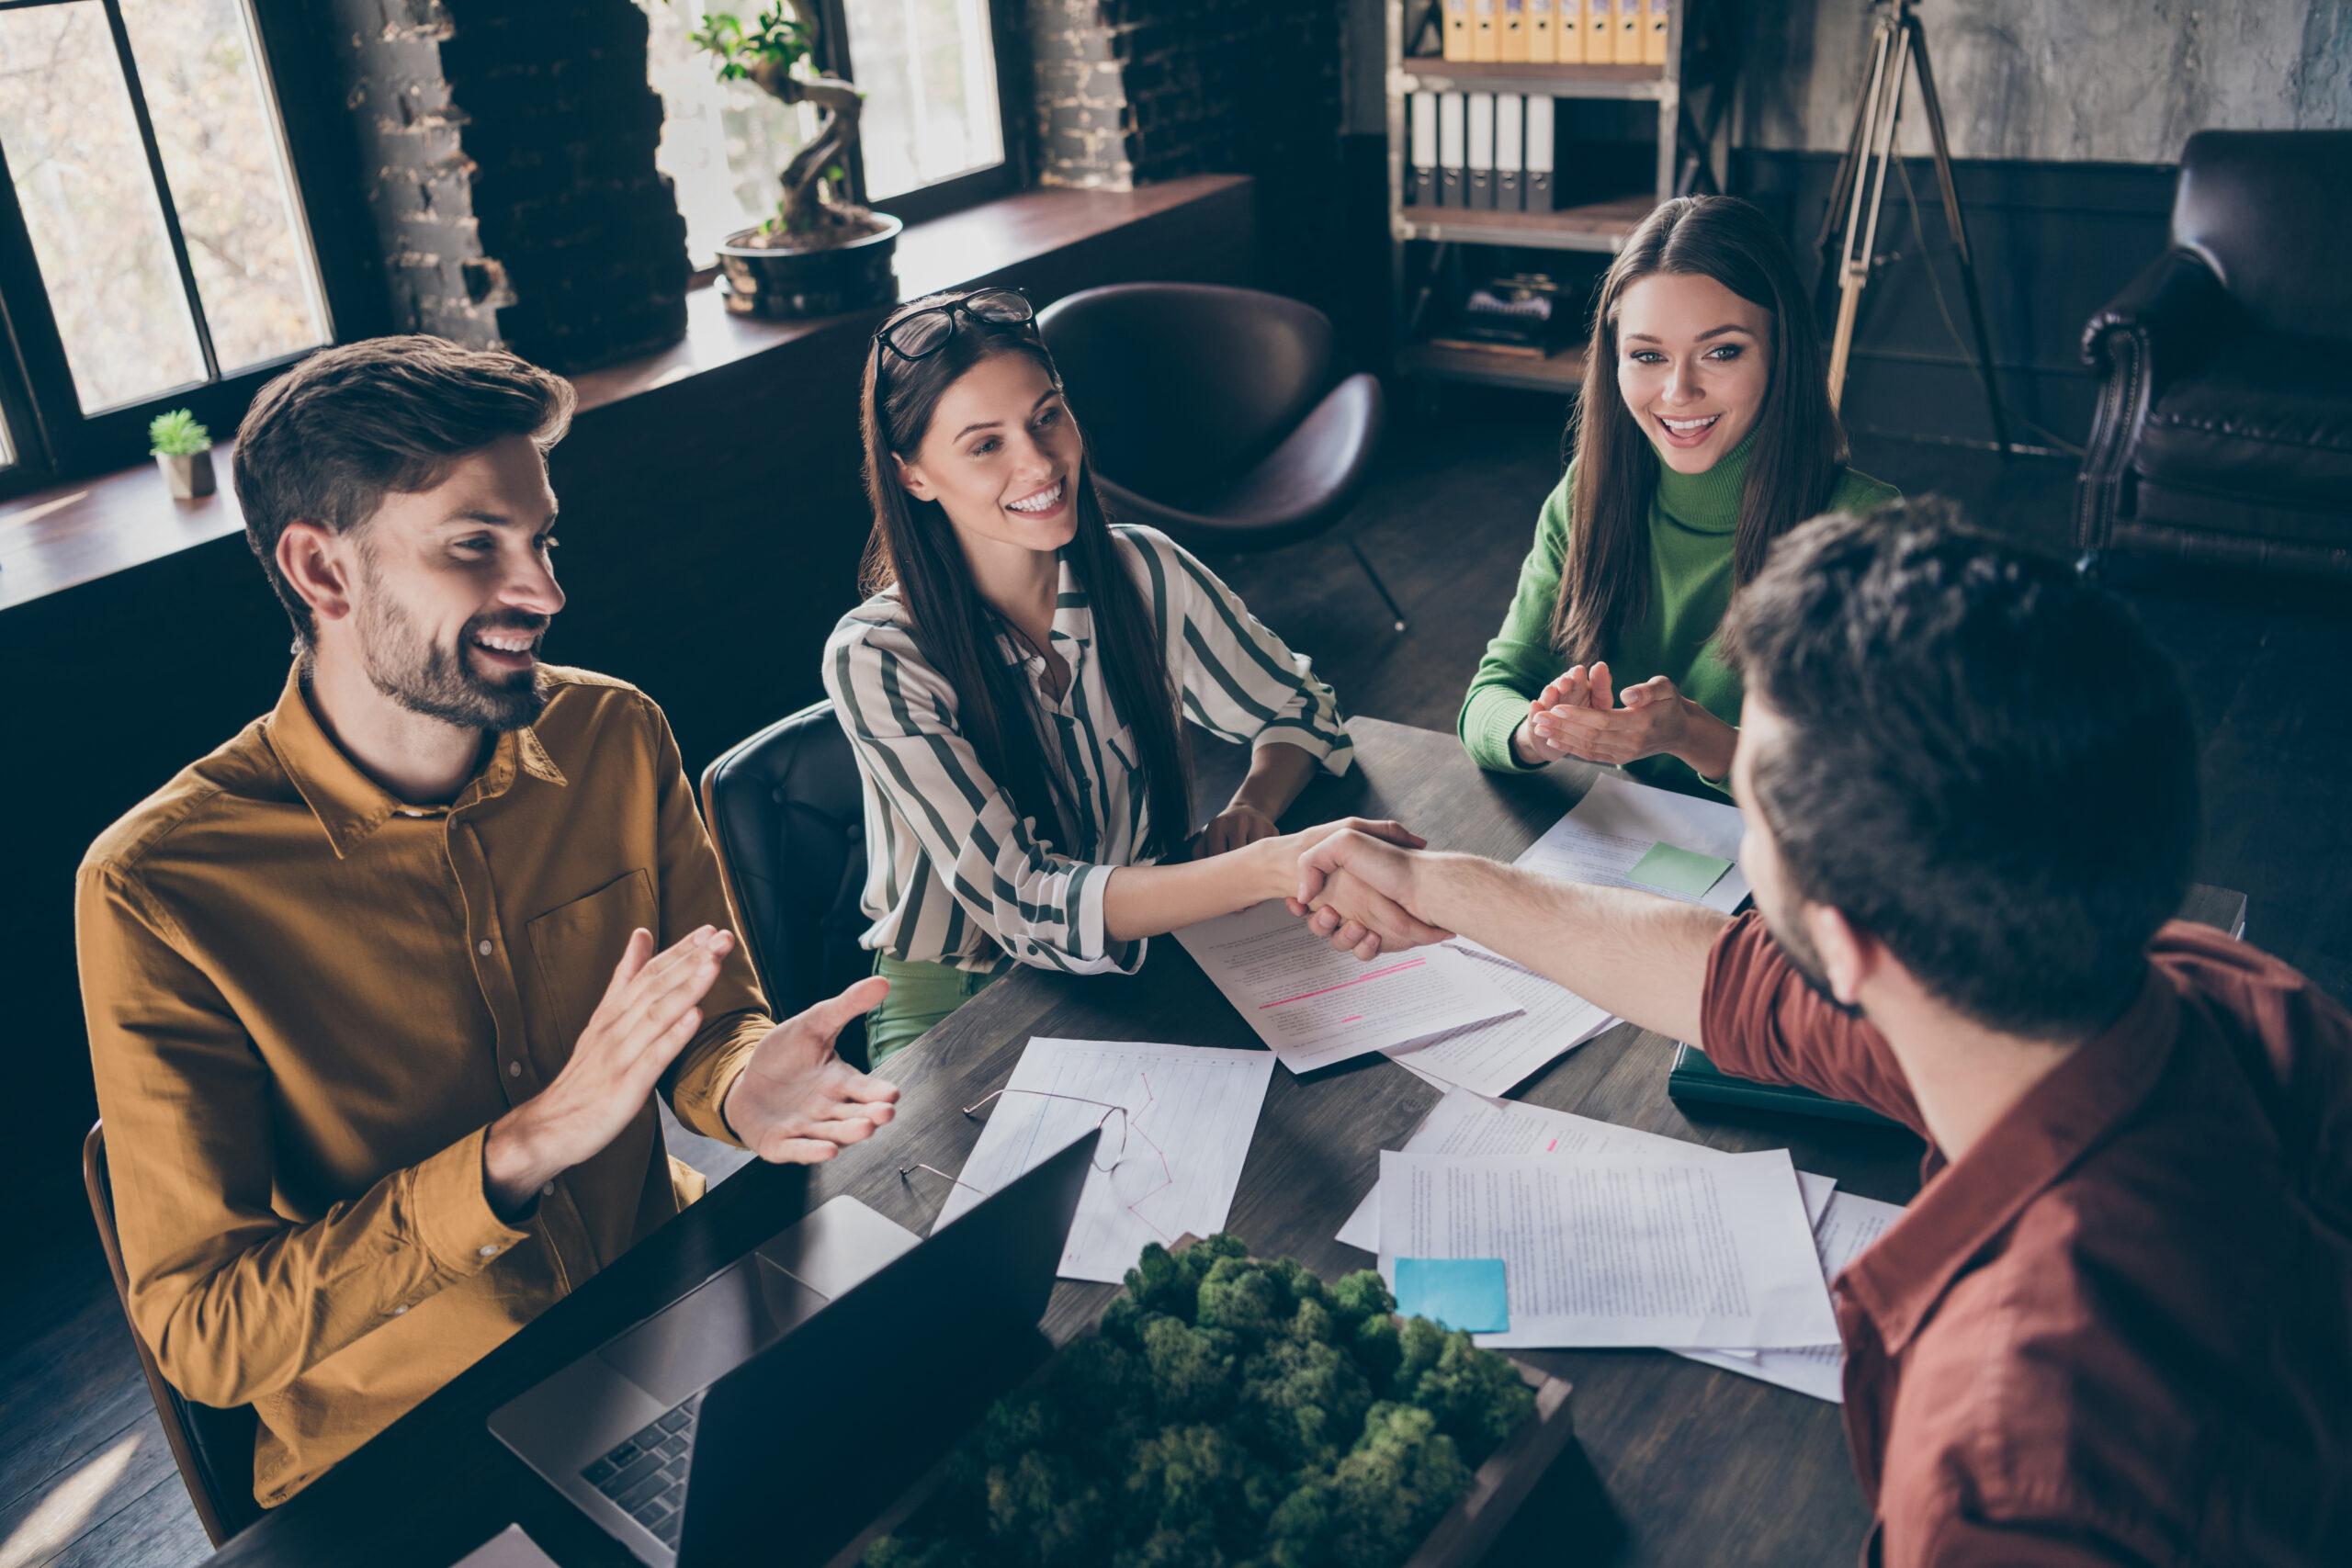 15 töövestluse küsimust, mille jaoks tasub valmistuda 1